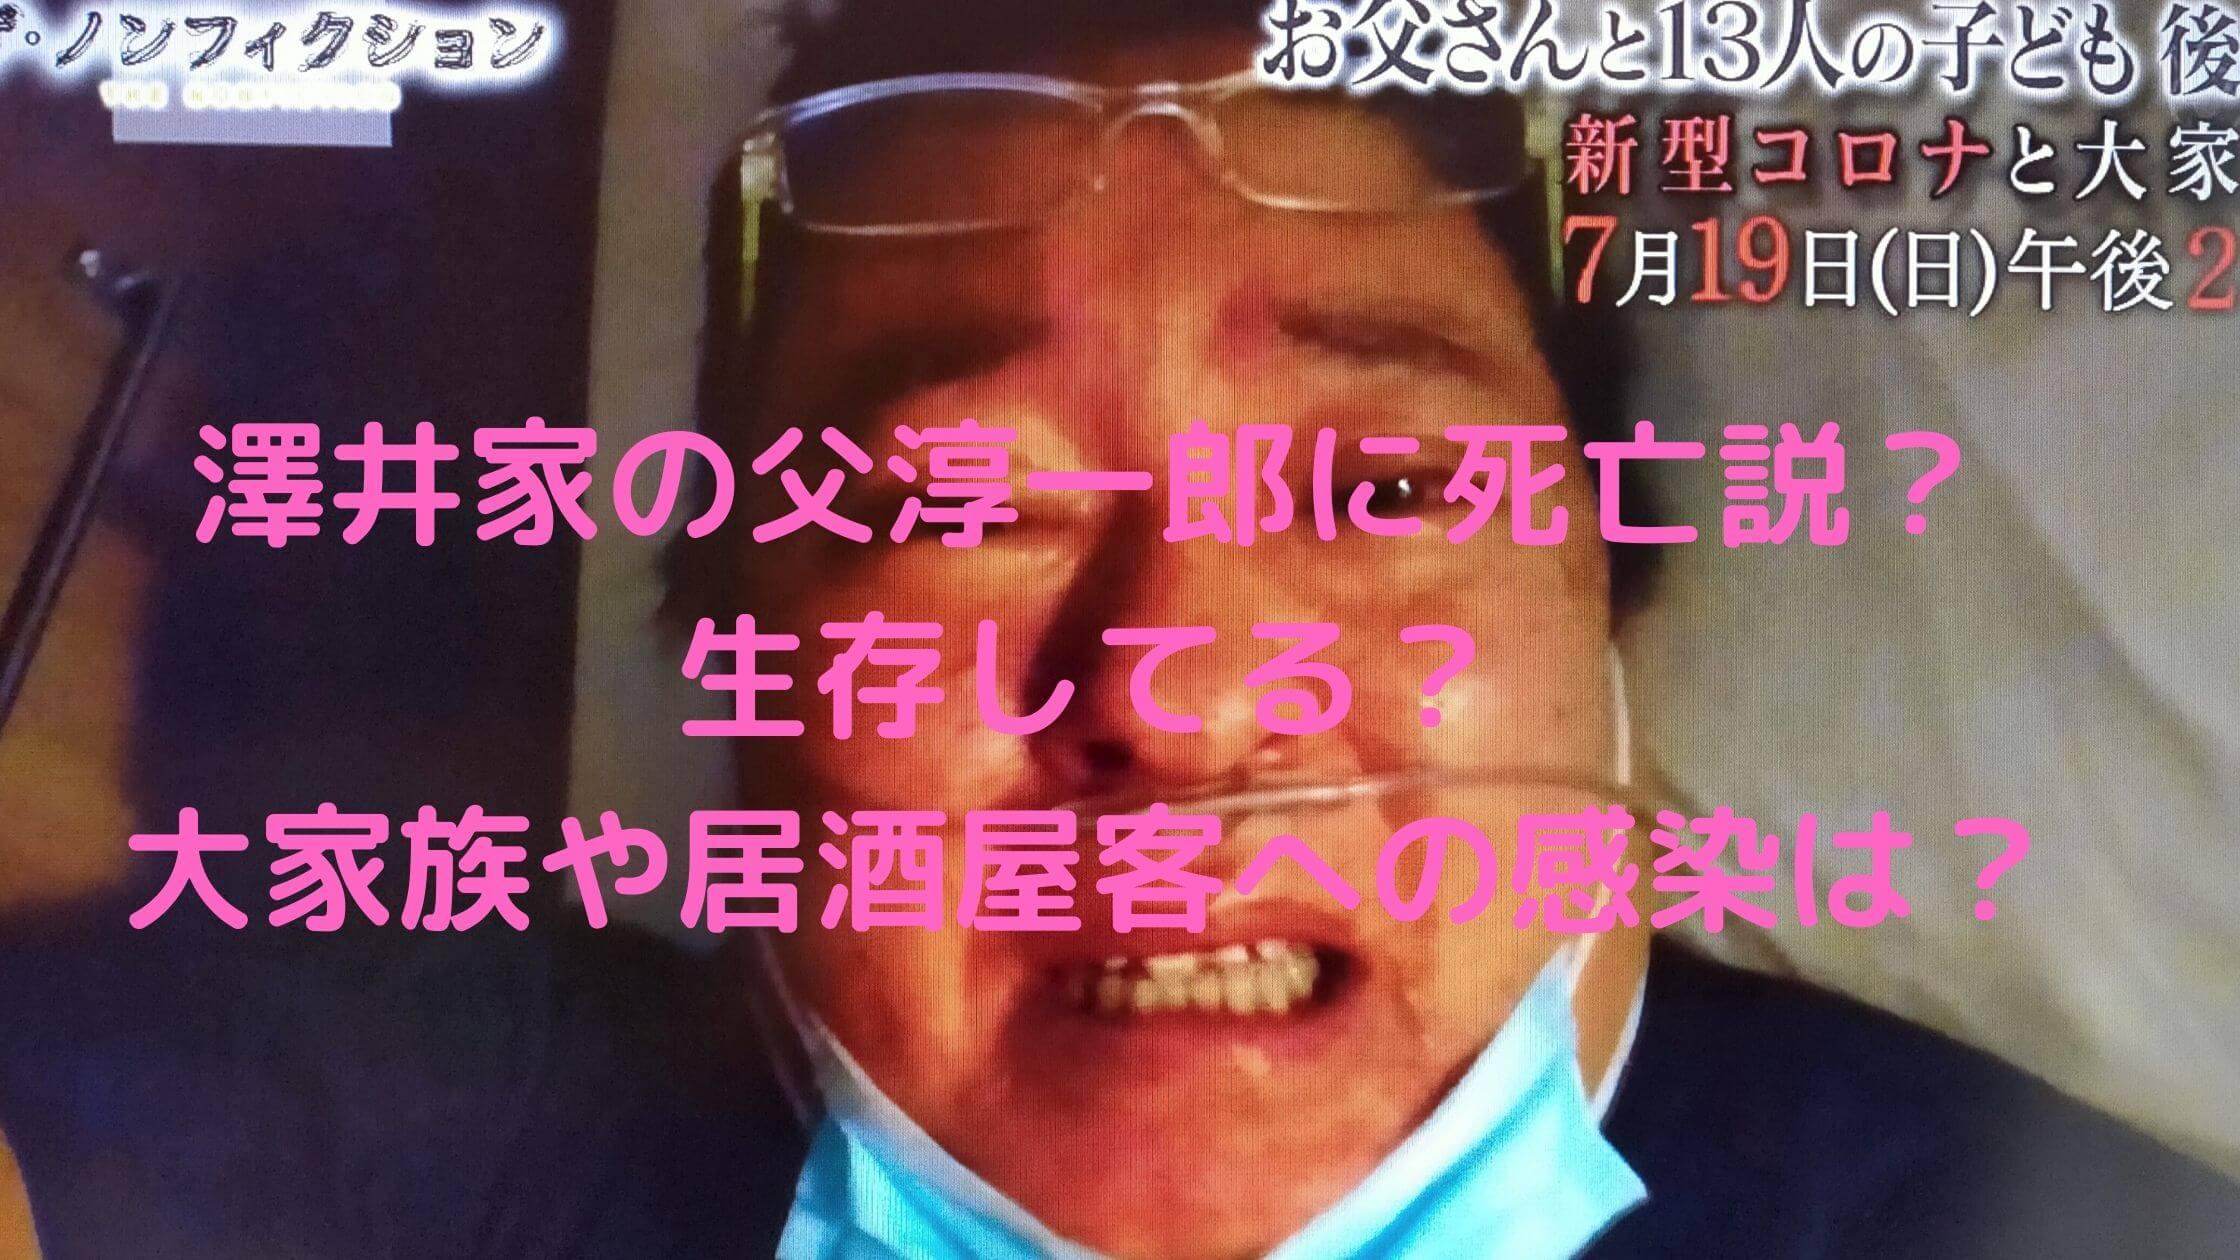 澤井 淳一郎 1969 澤井淳一郎(大家族)の性格は?実は寂しがりでエゴイスト?ノンフィ...